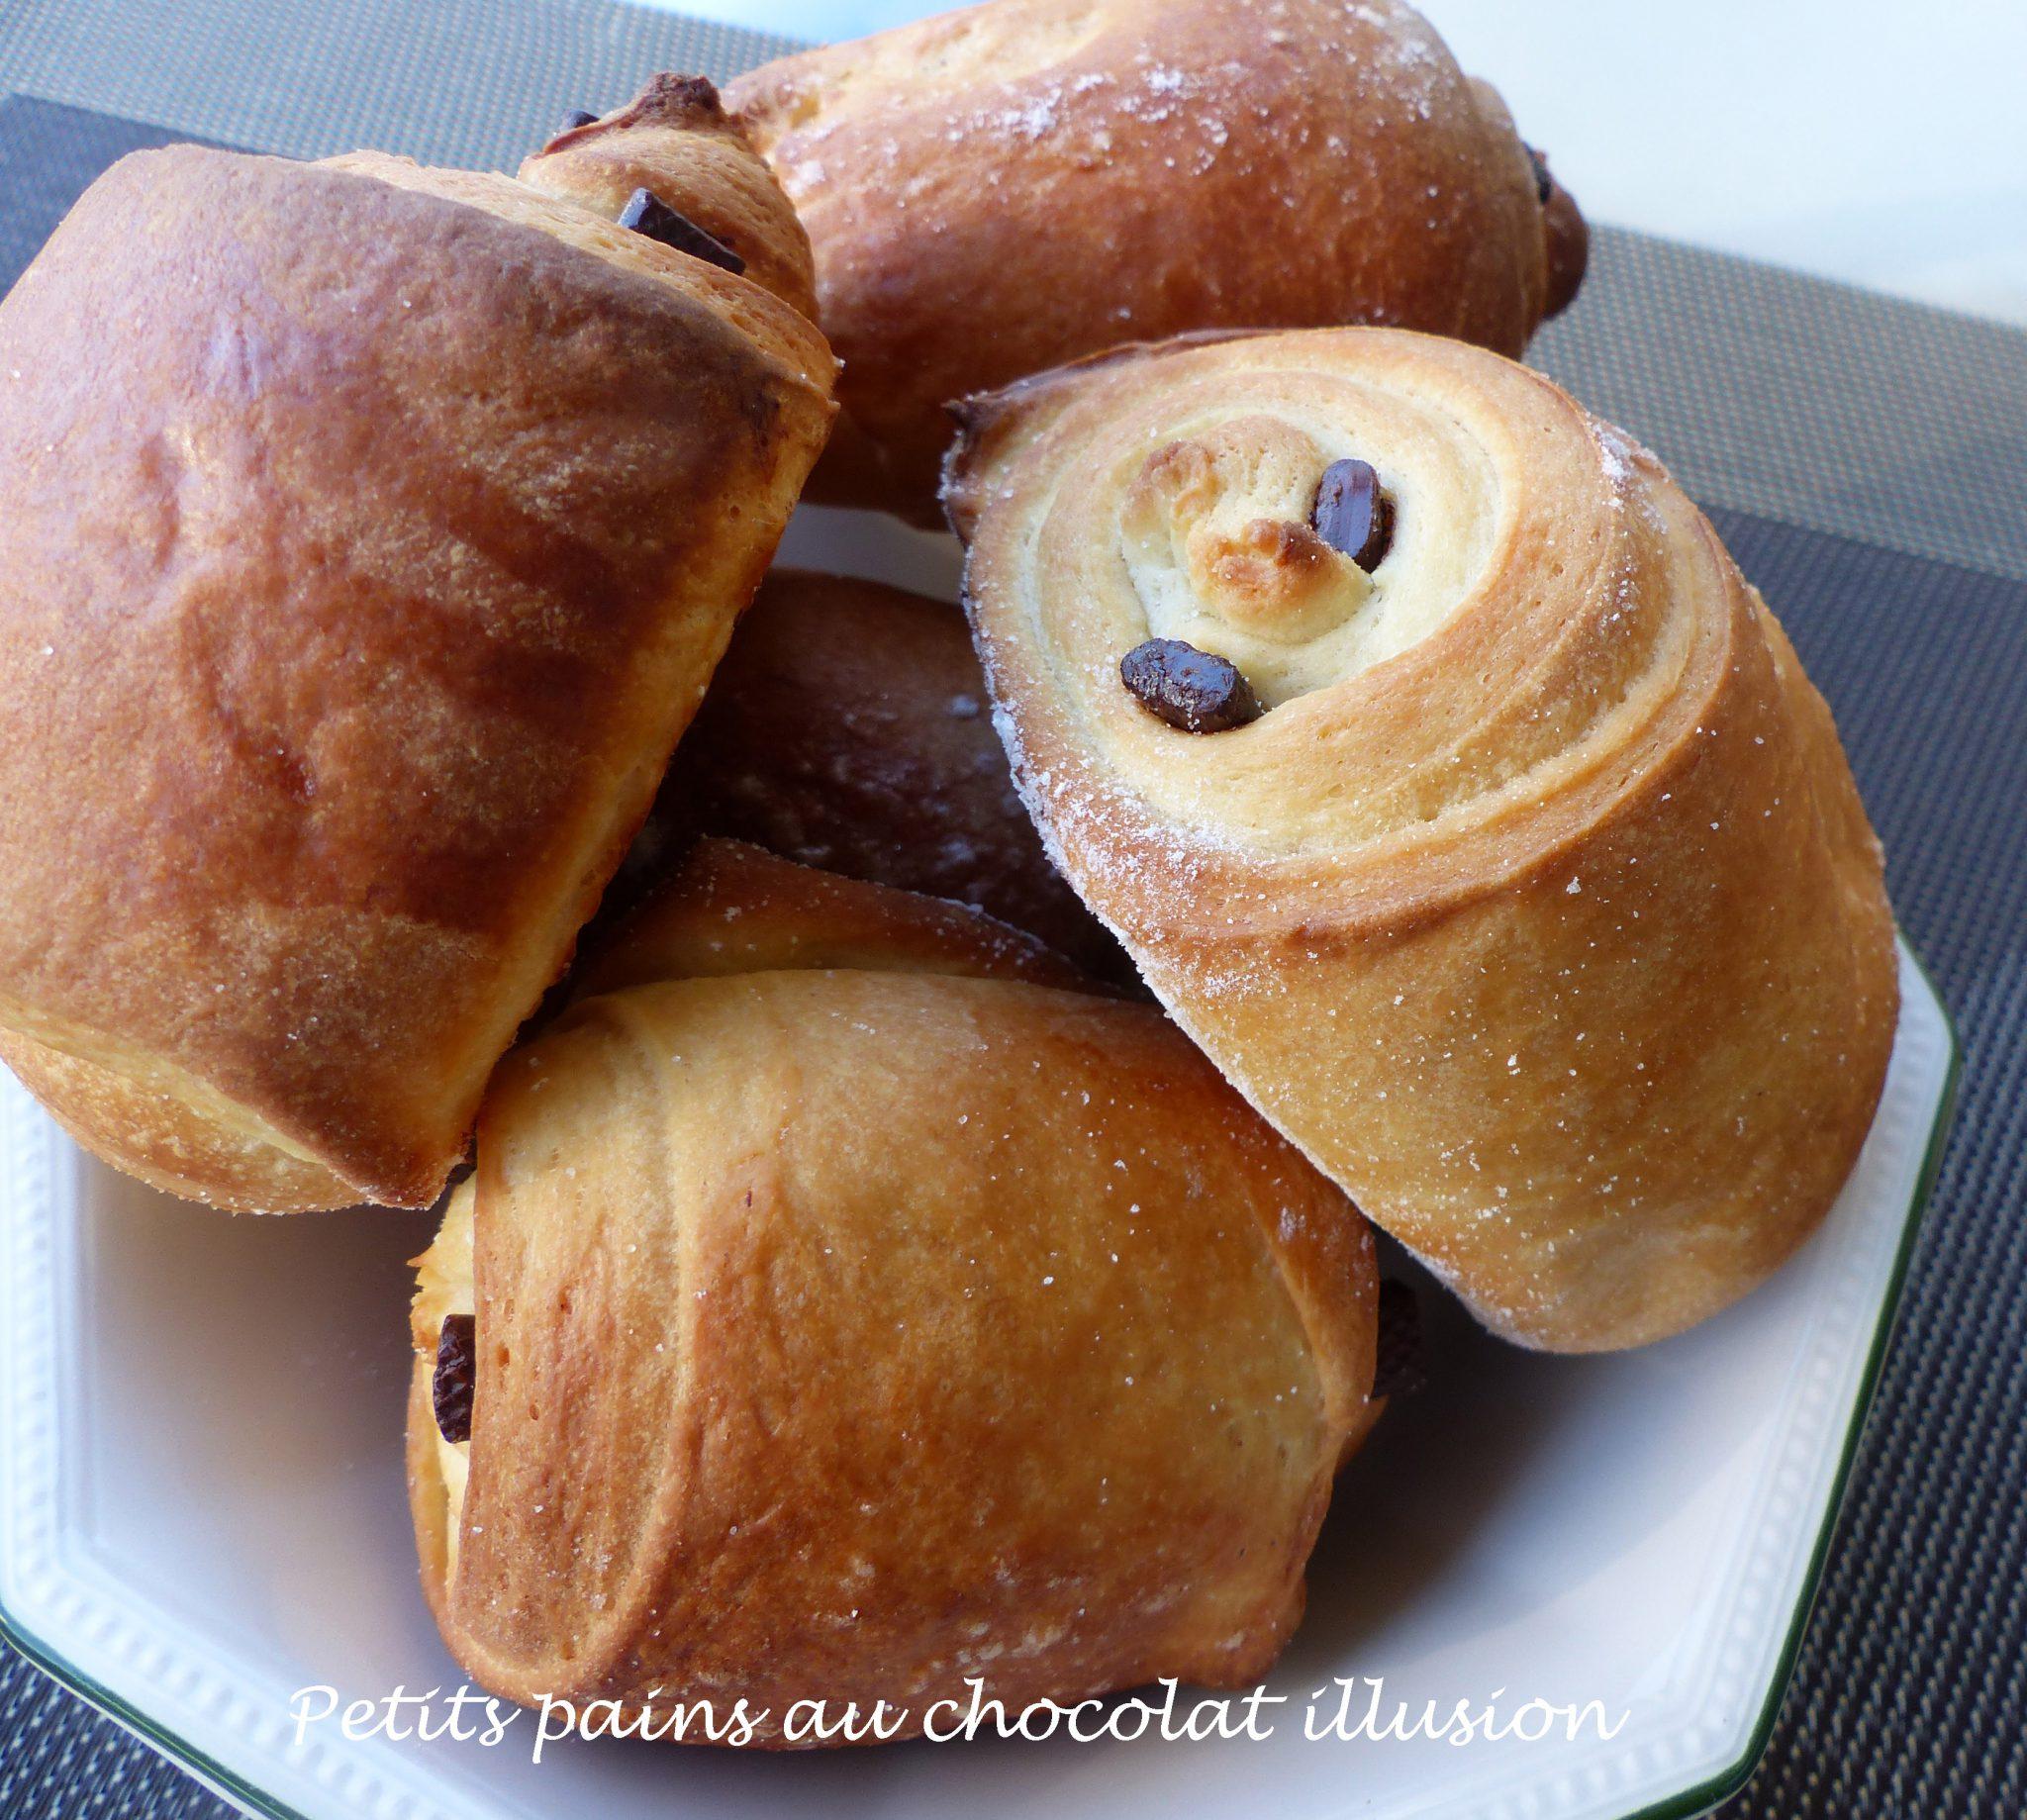 Petits pains au chocolat illusion P1120394 R